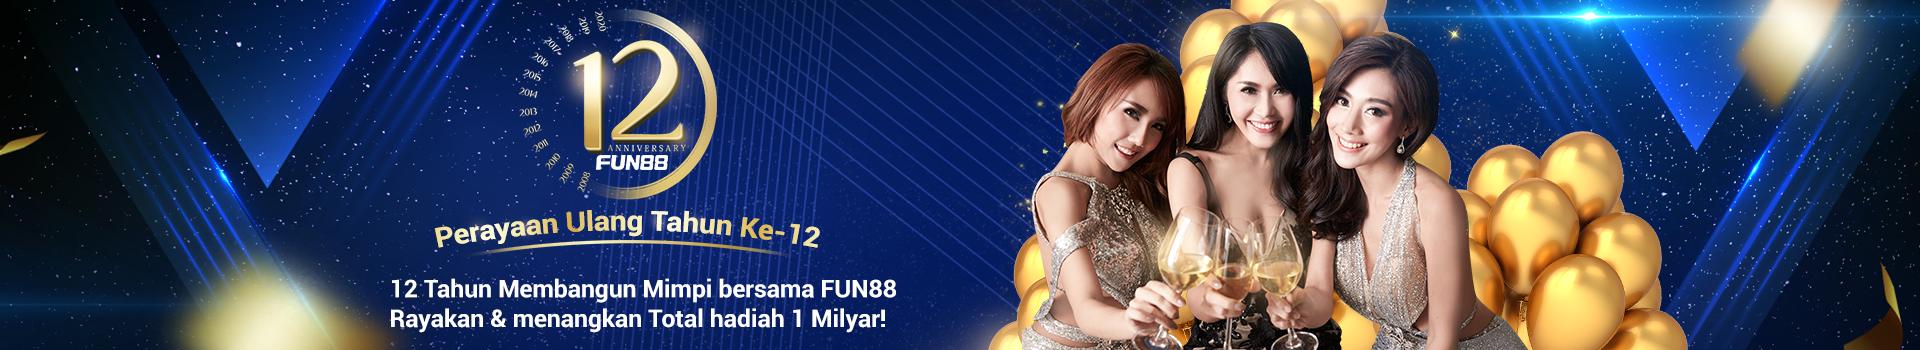 fun88 indonesia ulang tahun